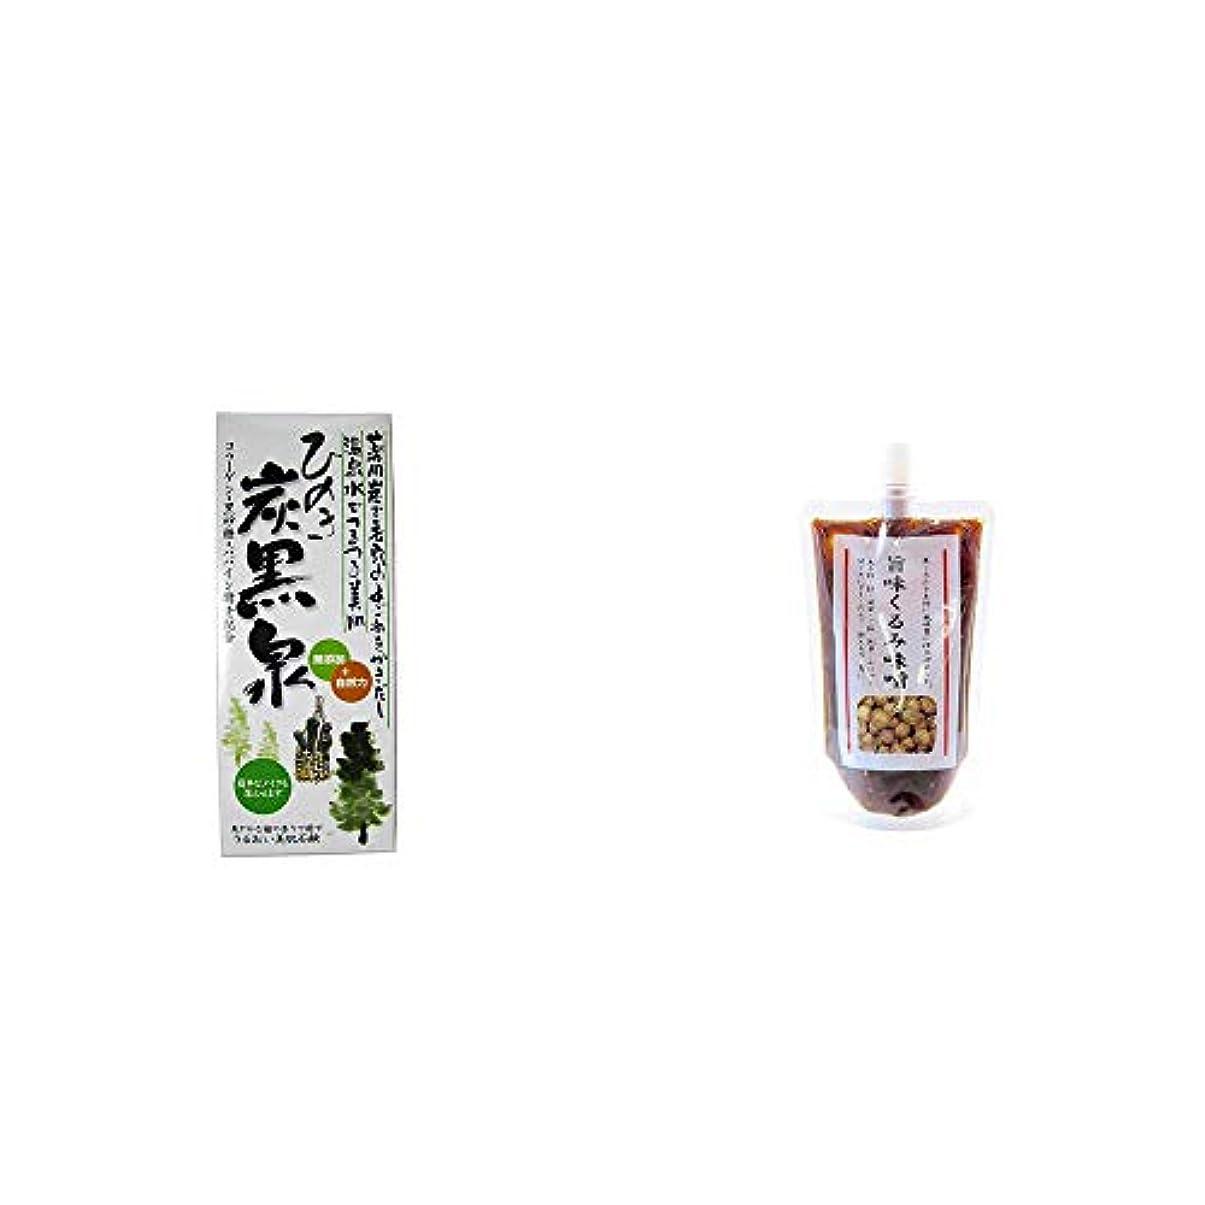 害虫カニ普通の[2点セット] ひのき炭黒泉 箱入り(75g×3)?旨味くるみ味噌(260g)